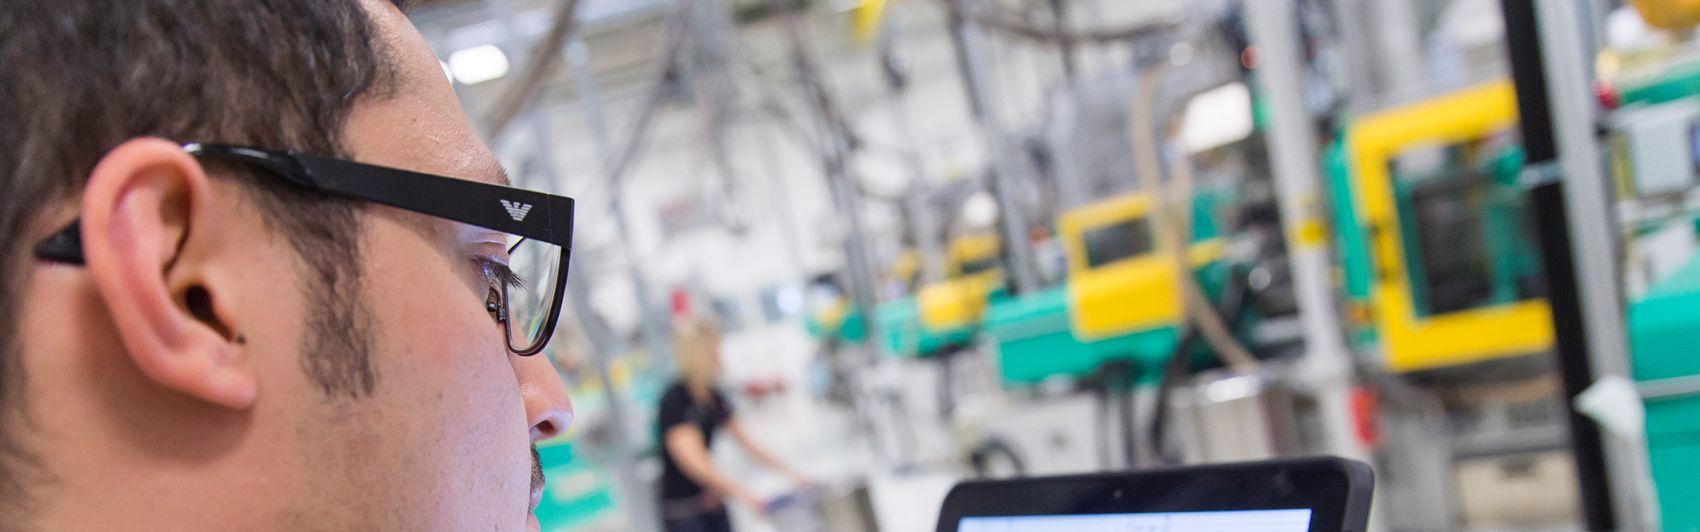 Tablets gehören künftig zum Alltag in den Produktionshallen.